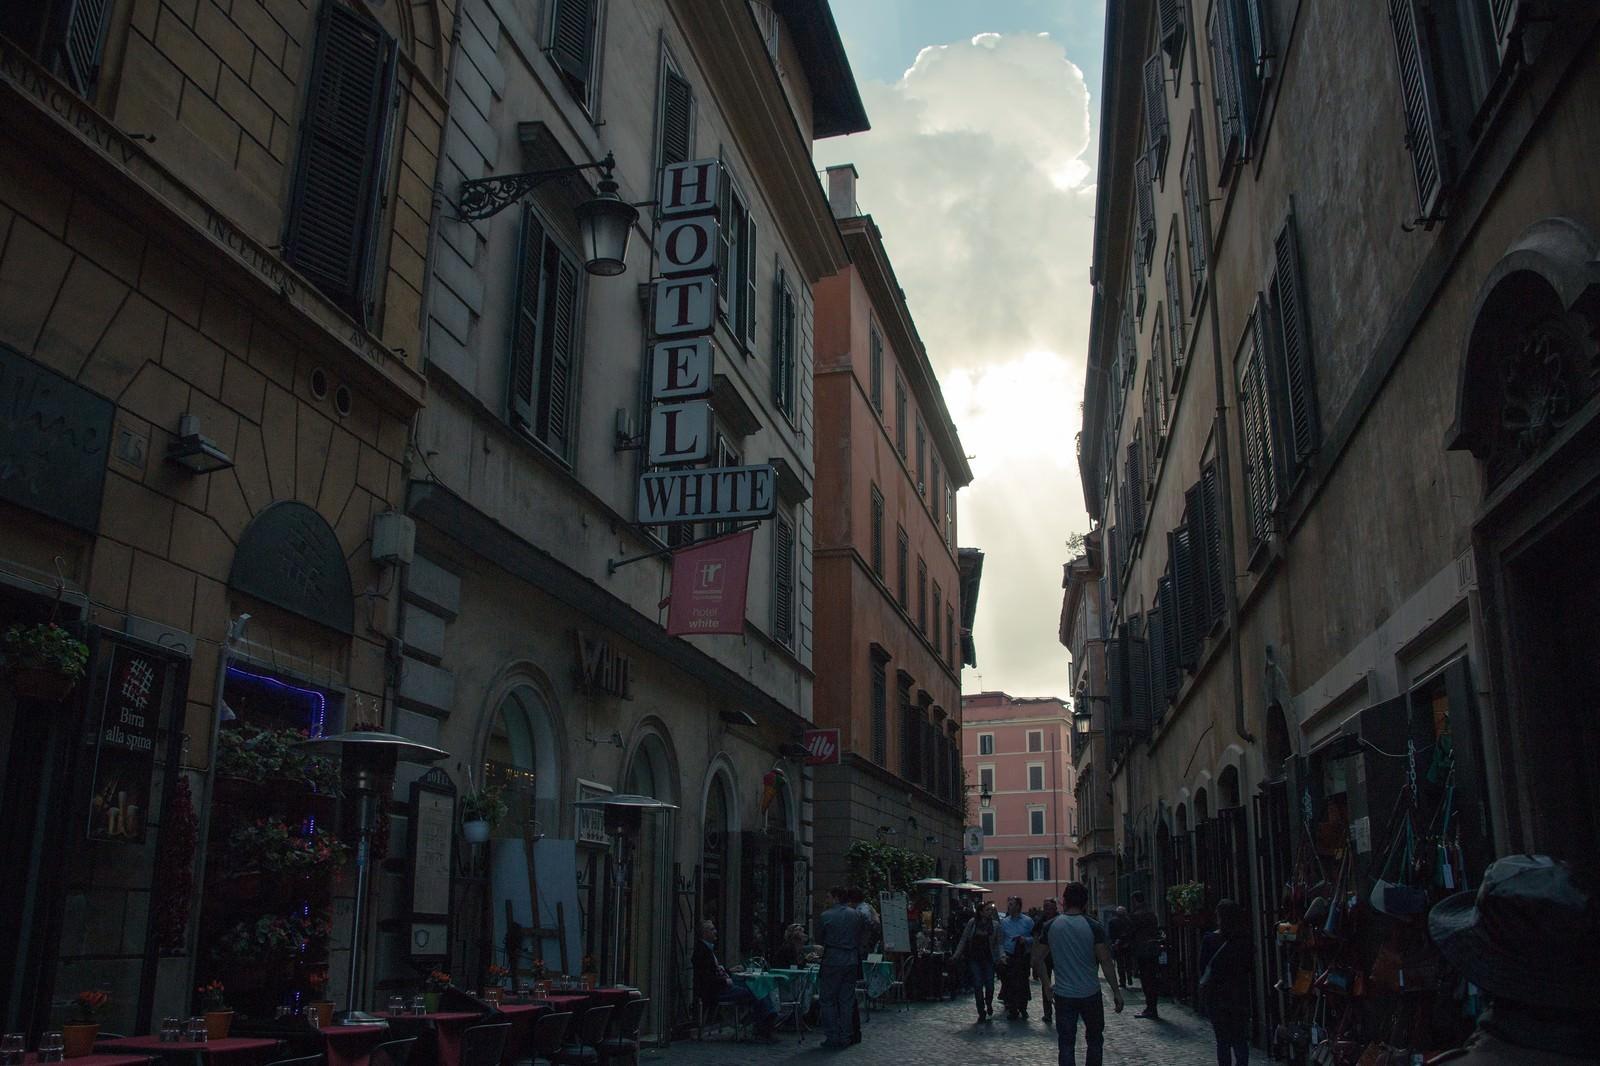 「イタリアの街中」の写真